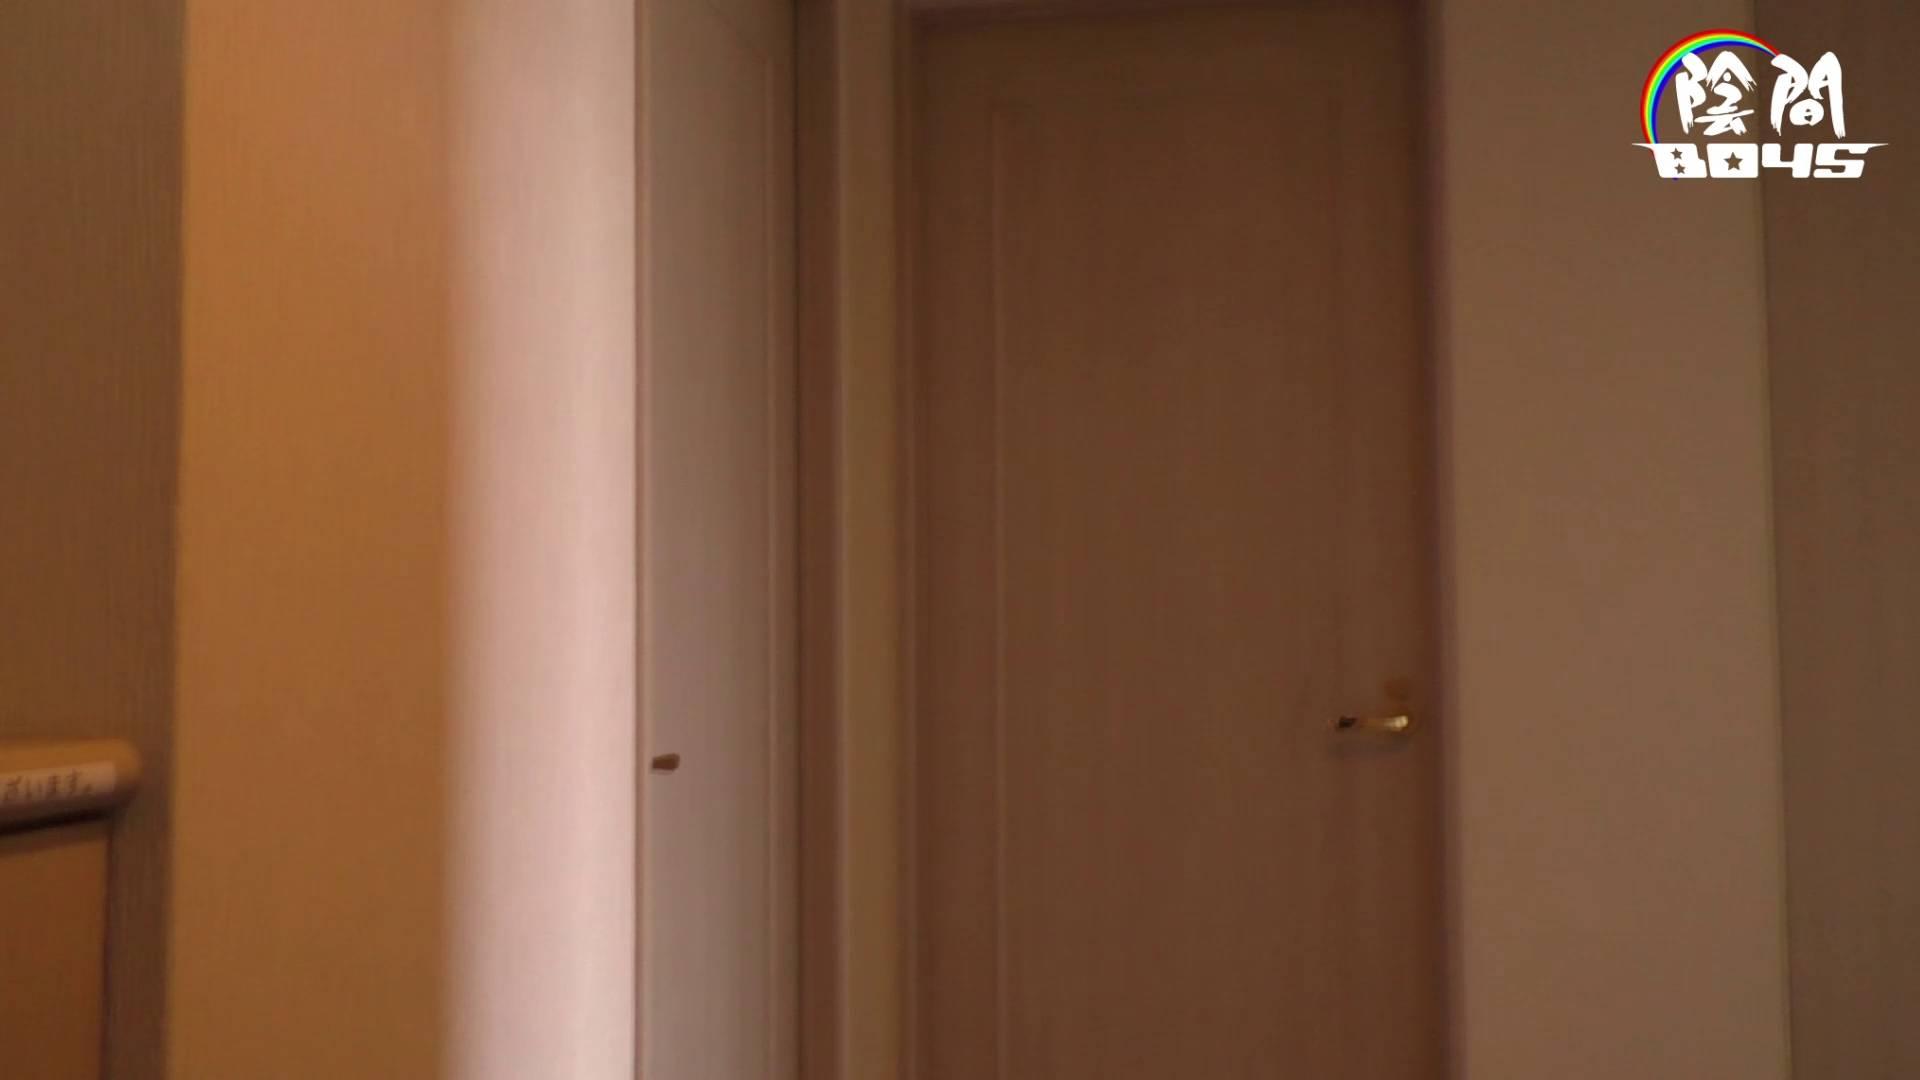 「君のアナルは」part1 ~ノンケの掟破り~Vol.03 お手で! AV動画 112pic 88